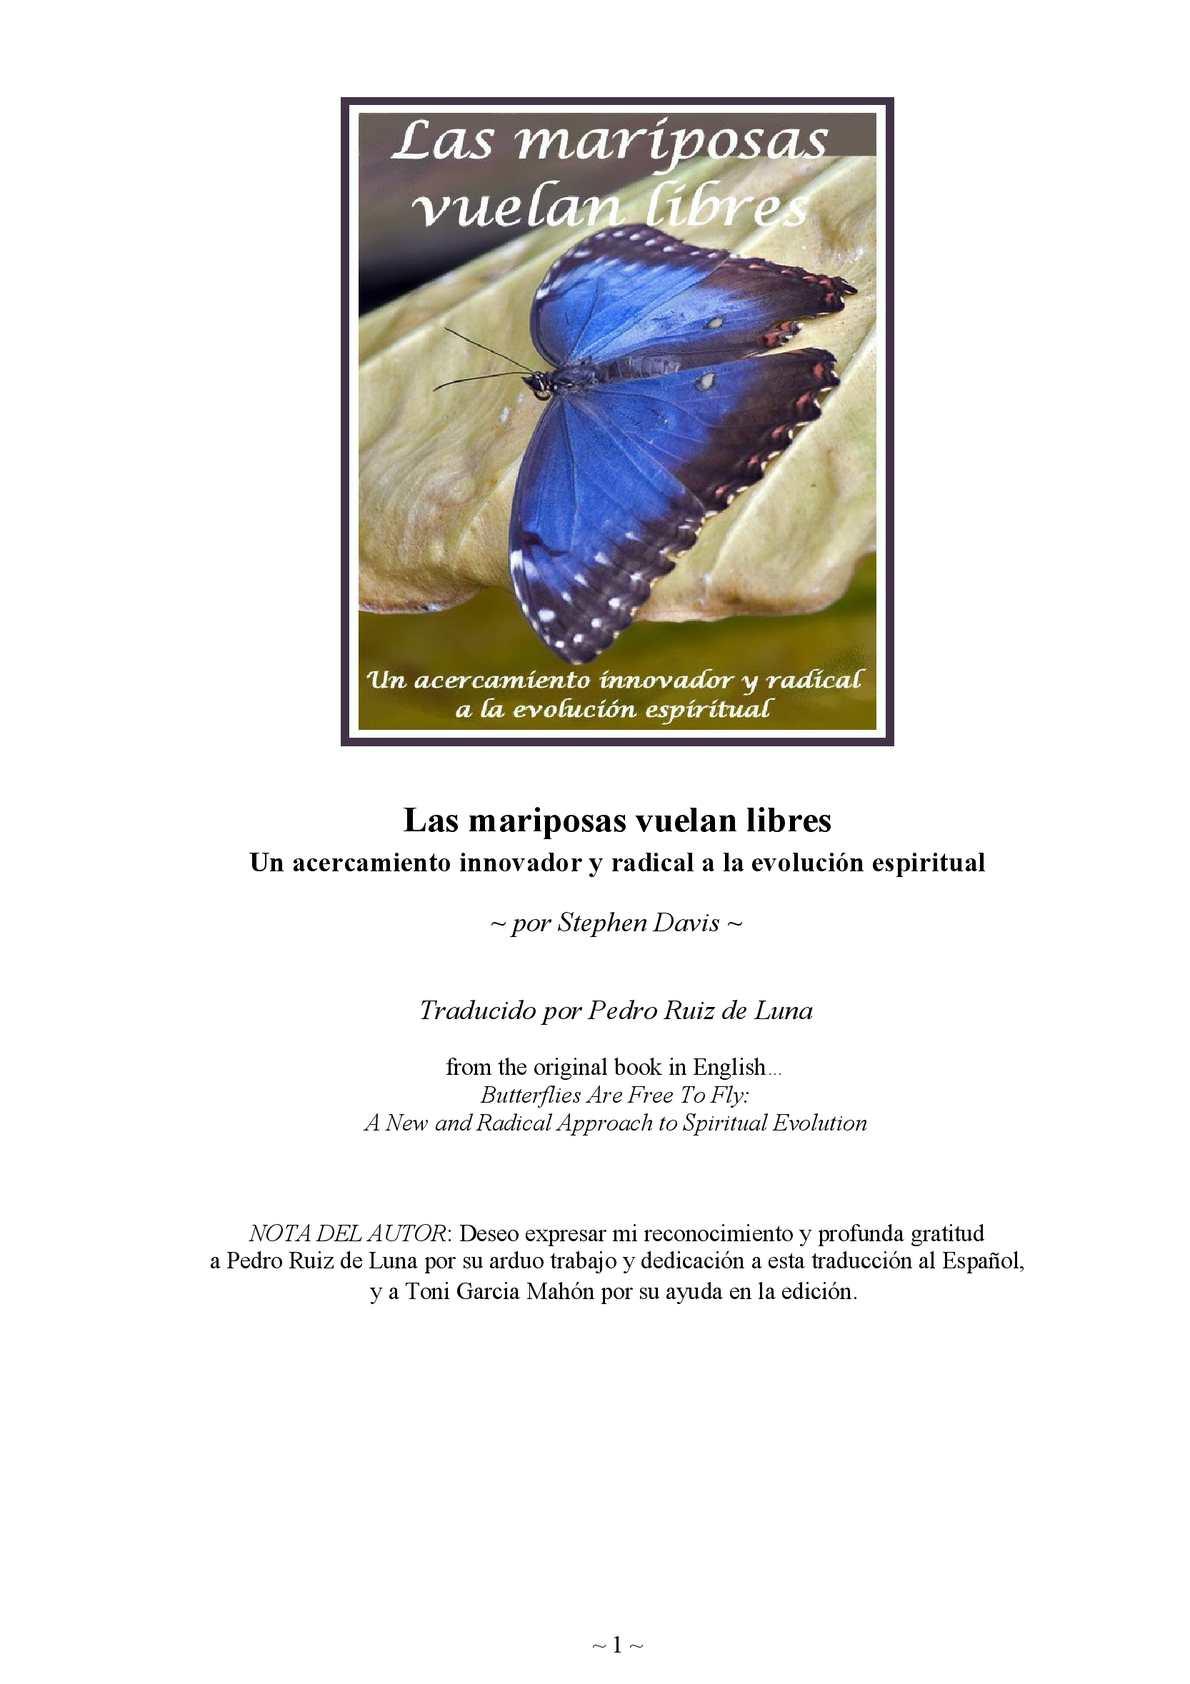 Calaméo - Las Mariposas Vuelan Libres. Stephen Davis